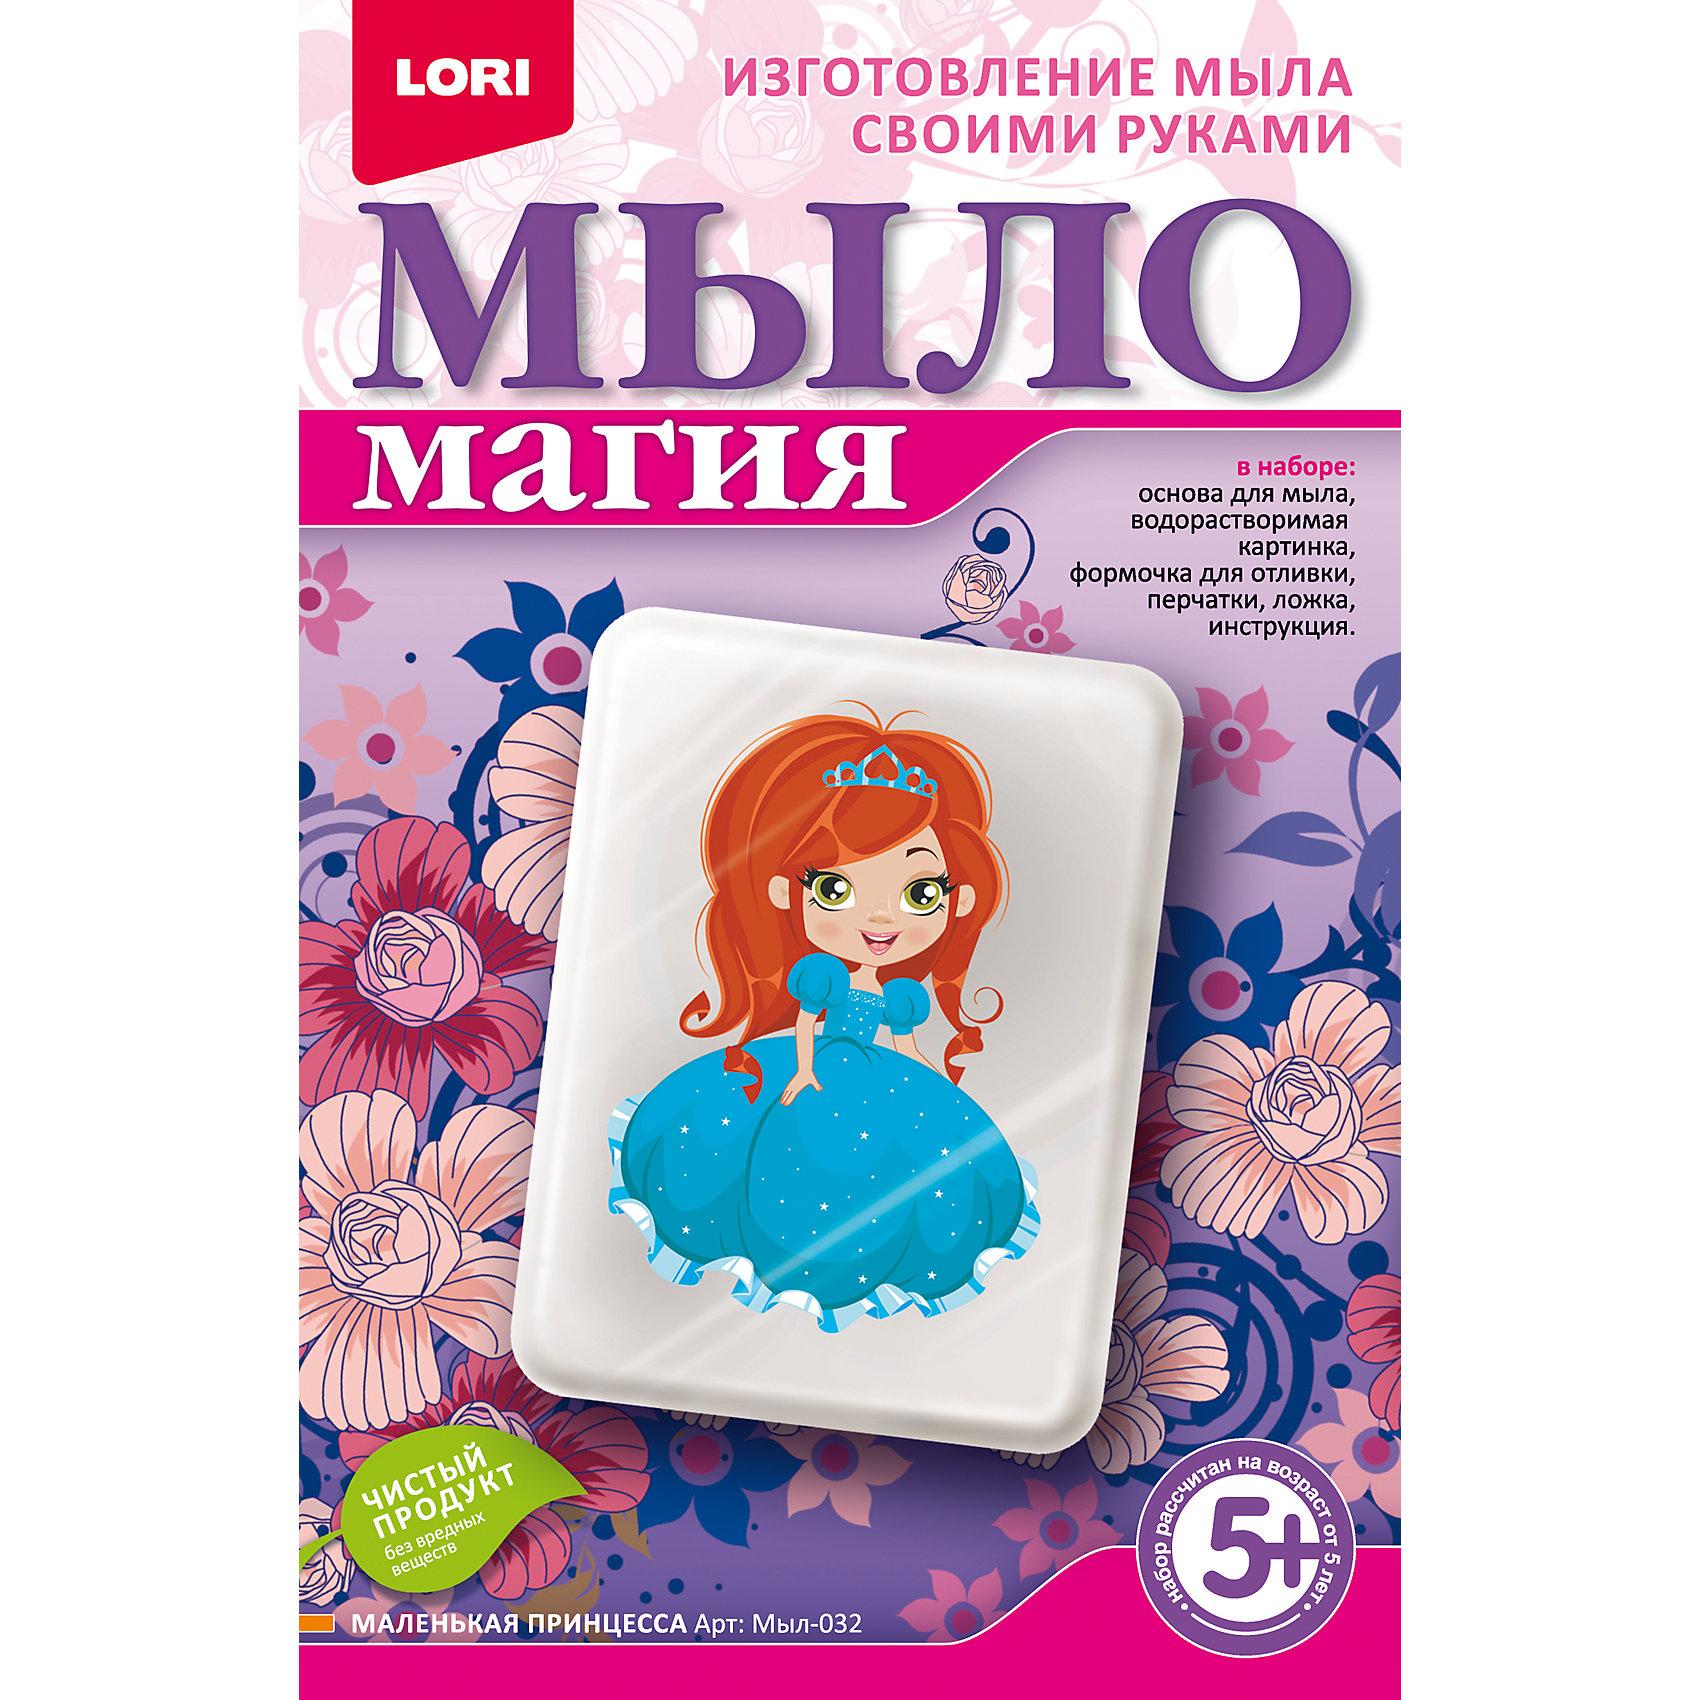 МылоМагия Маленькая принцессаНаборы для создания мыла<br>Основа для мыла емкость для растапливания, форма для заливки мыльного раствора, водорастворимая бумага, пищевой краситель, пипетка, перчатки, ложка инструкция<br><br>Ширина мм: 40<br>Глубина мм: 135<br>Высота мм: 208<br>Вес г: 650<br>Возраст от месяцев: 60<br>Возраст до месяцев: 84<br>Пол: Унисекс<br>Возраст: Детский<br>SKU: 5032310